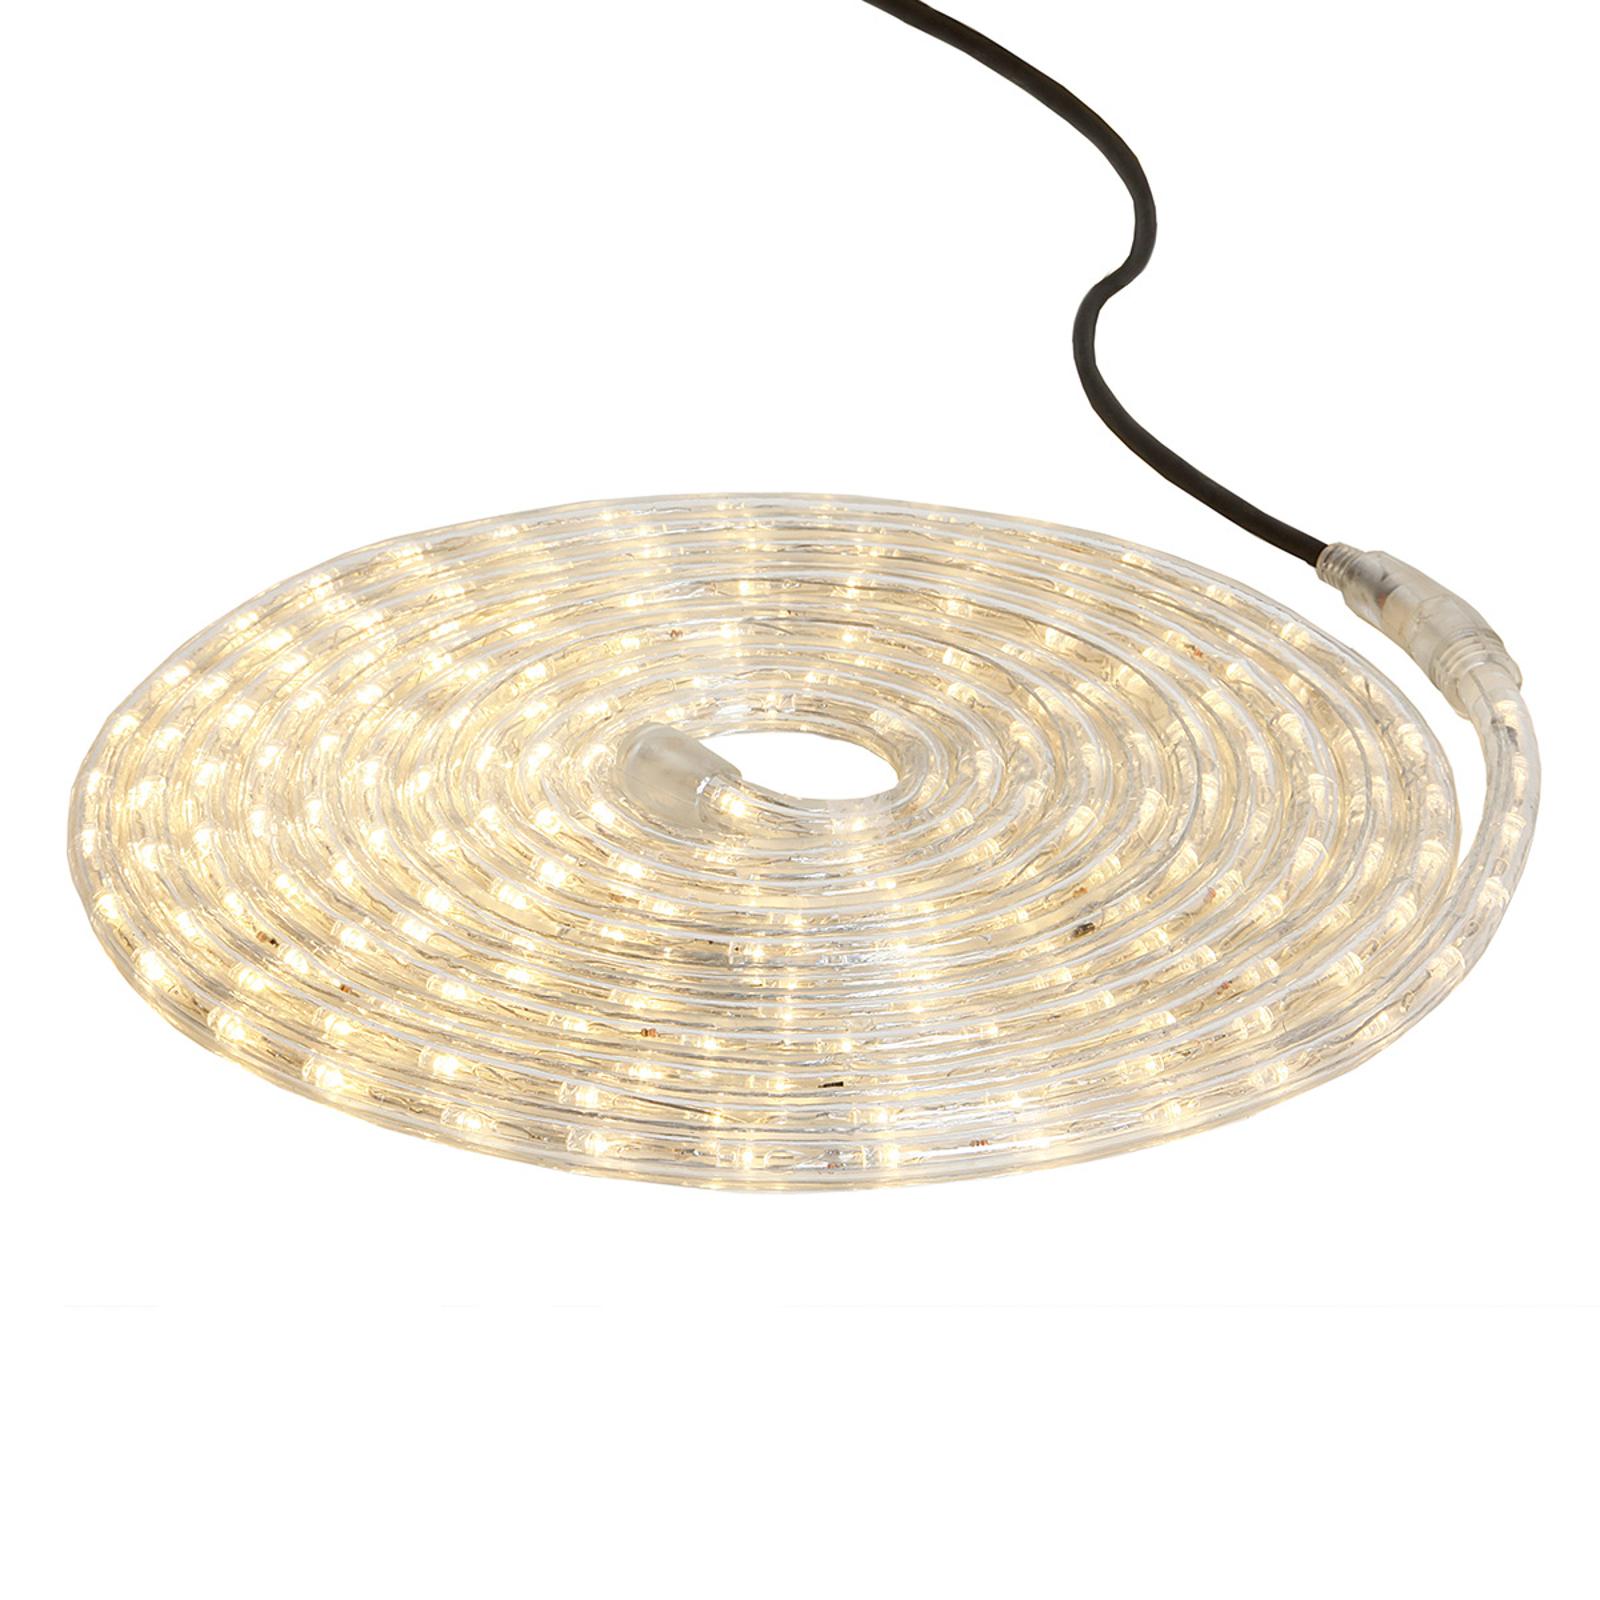 Ropelight Flex-LED-valokaapeli 6m lämmin valkoinen